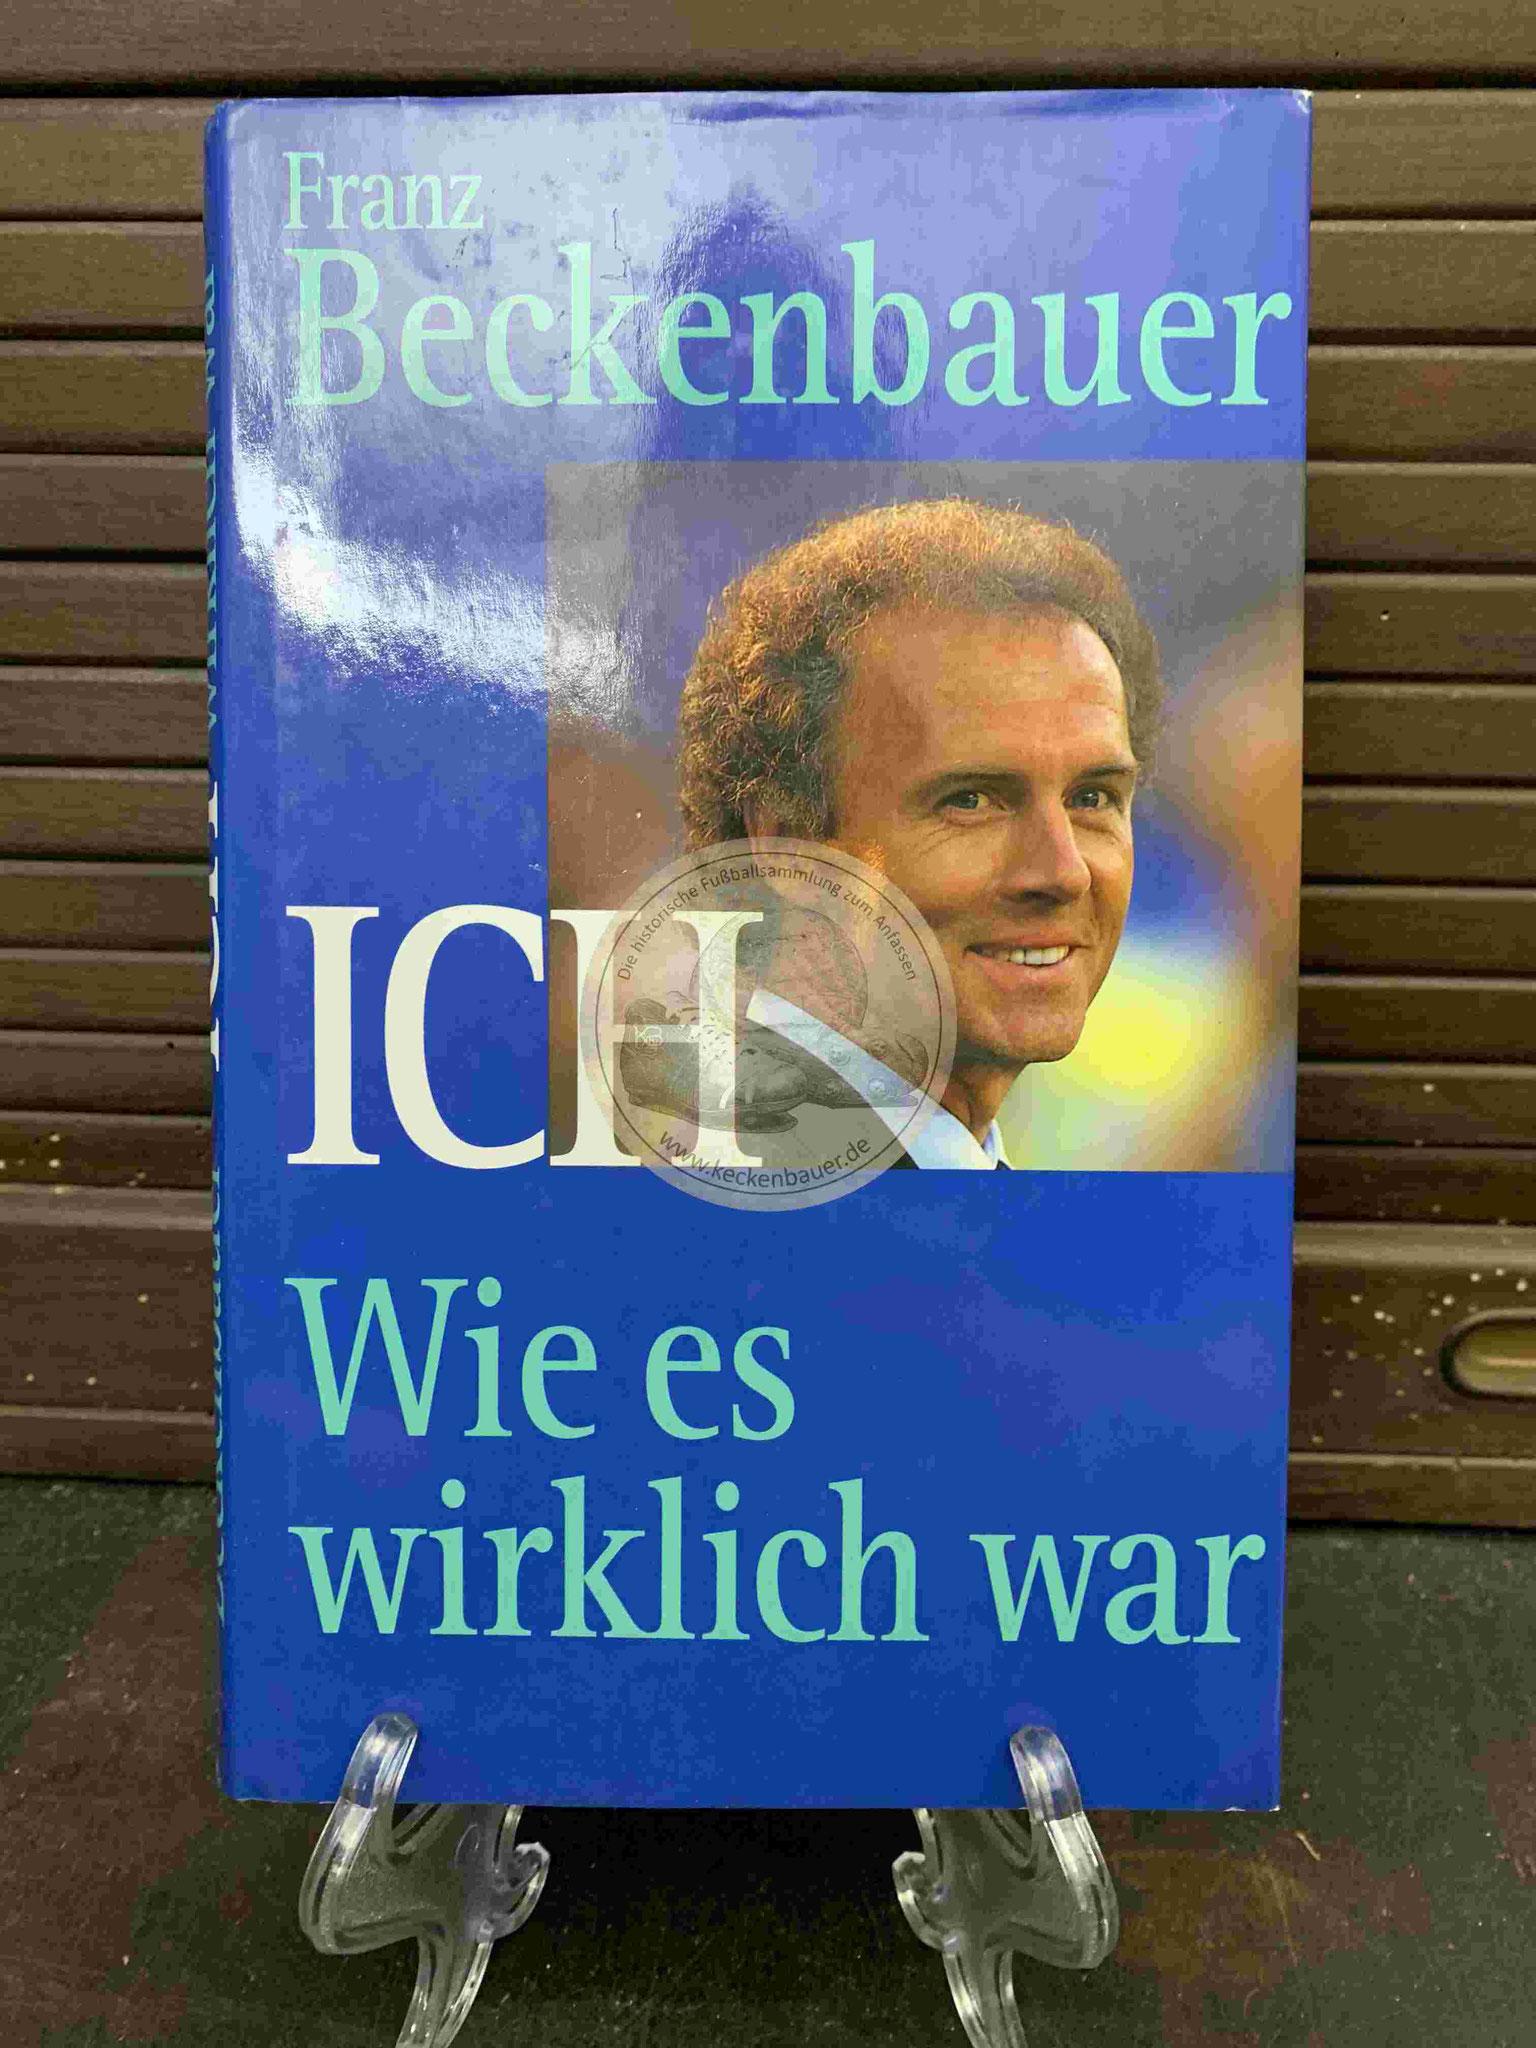 Franz Beckenbauer Ich wie es wirklich war aus dem Jahr 1992